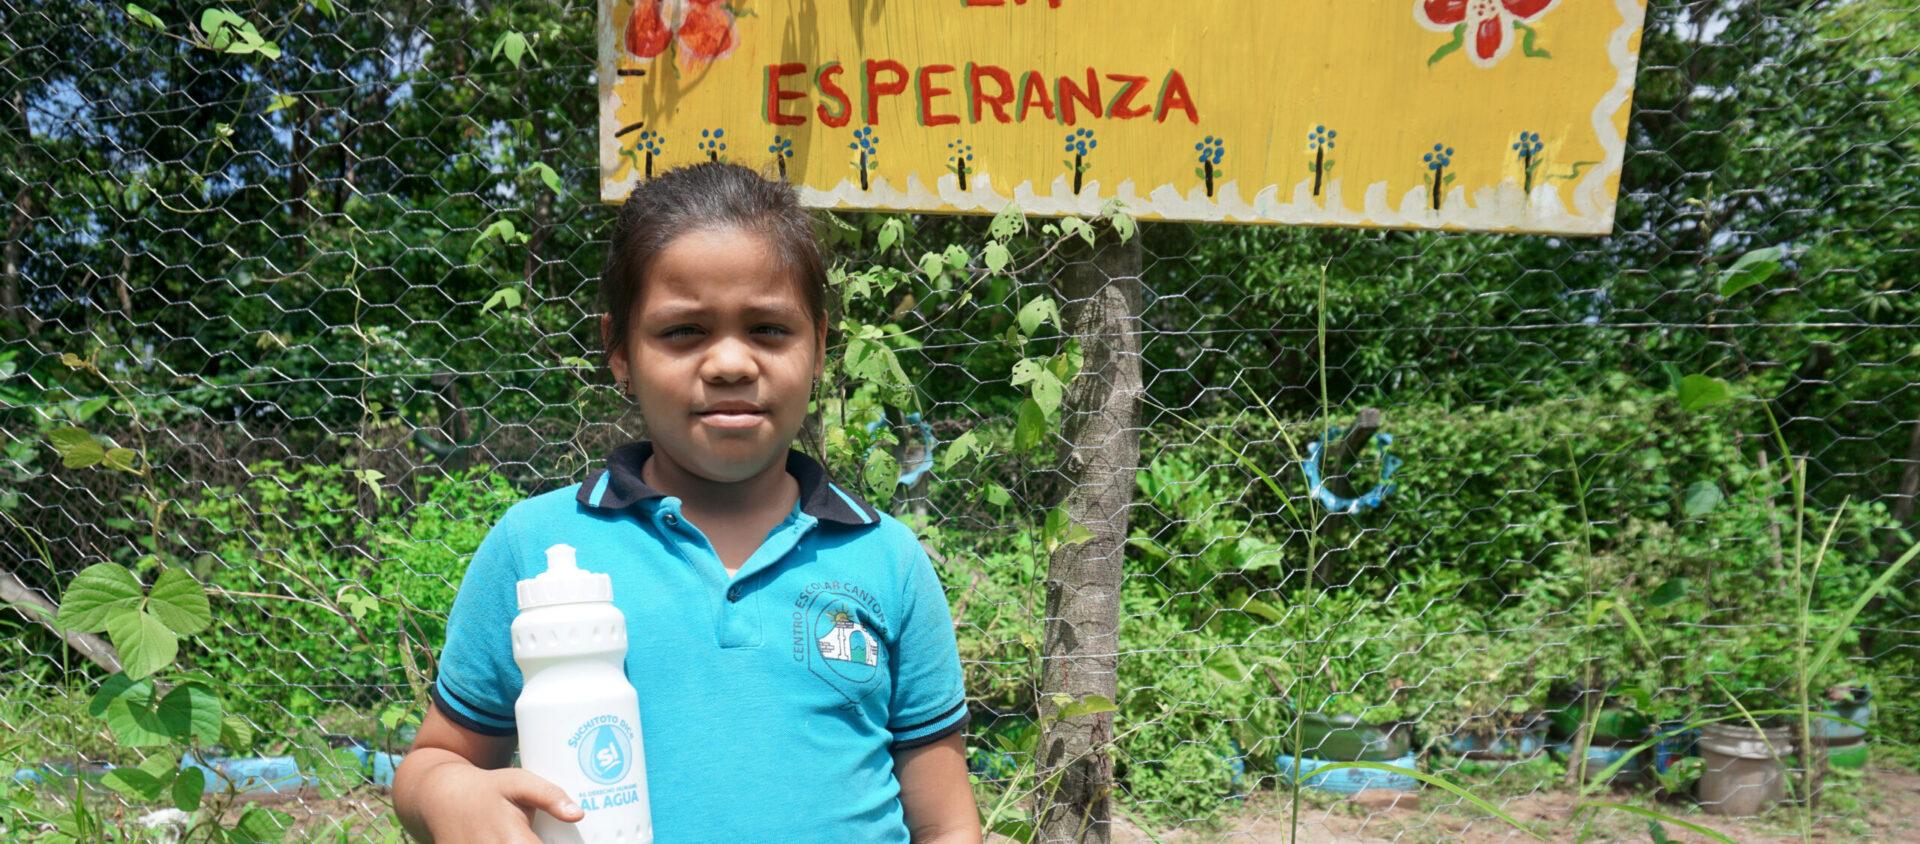 Nataly röstar i skolvalet om rätten till rent vatten